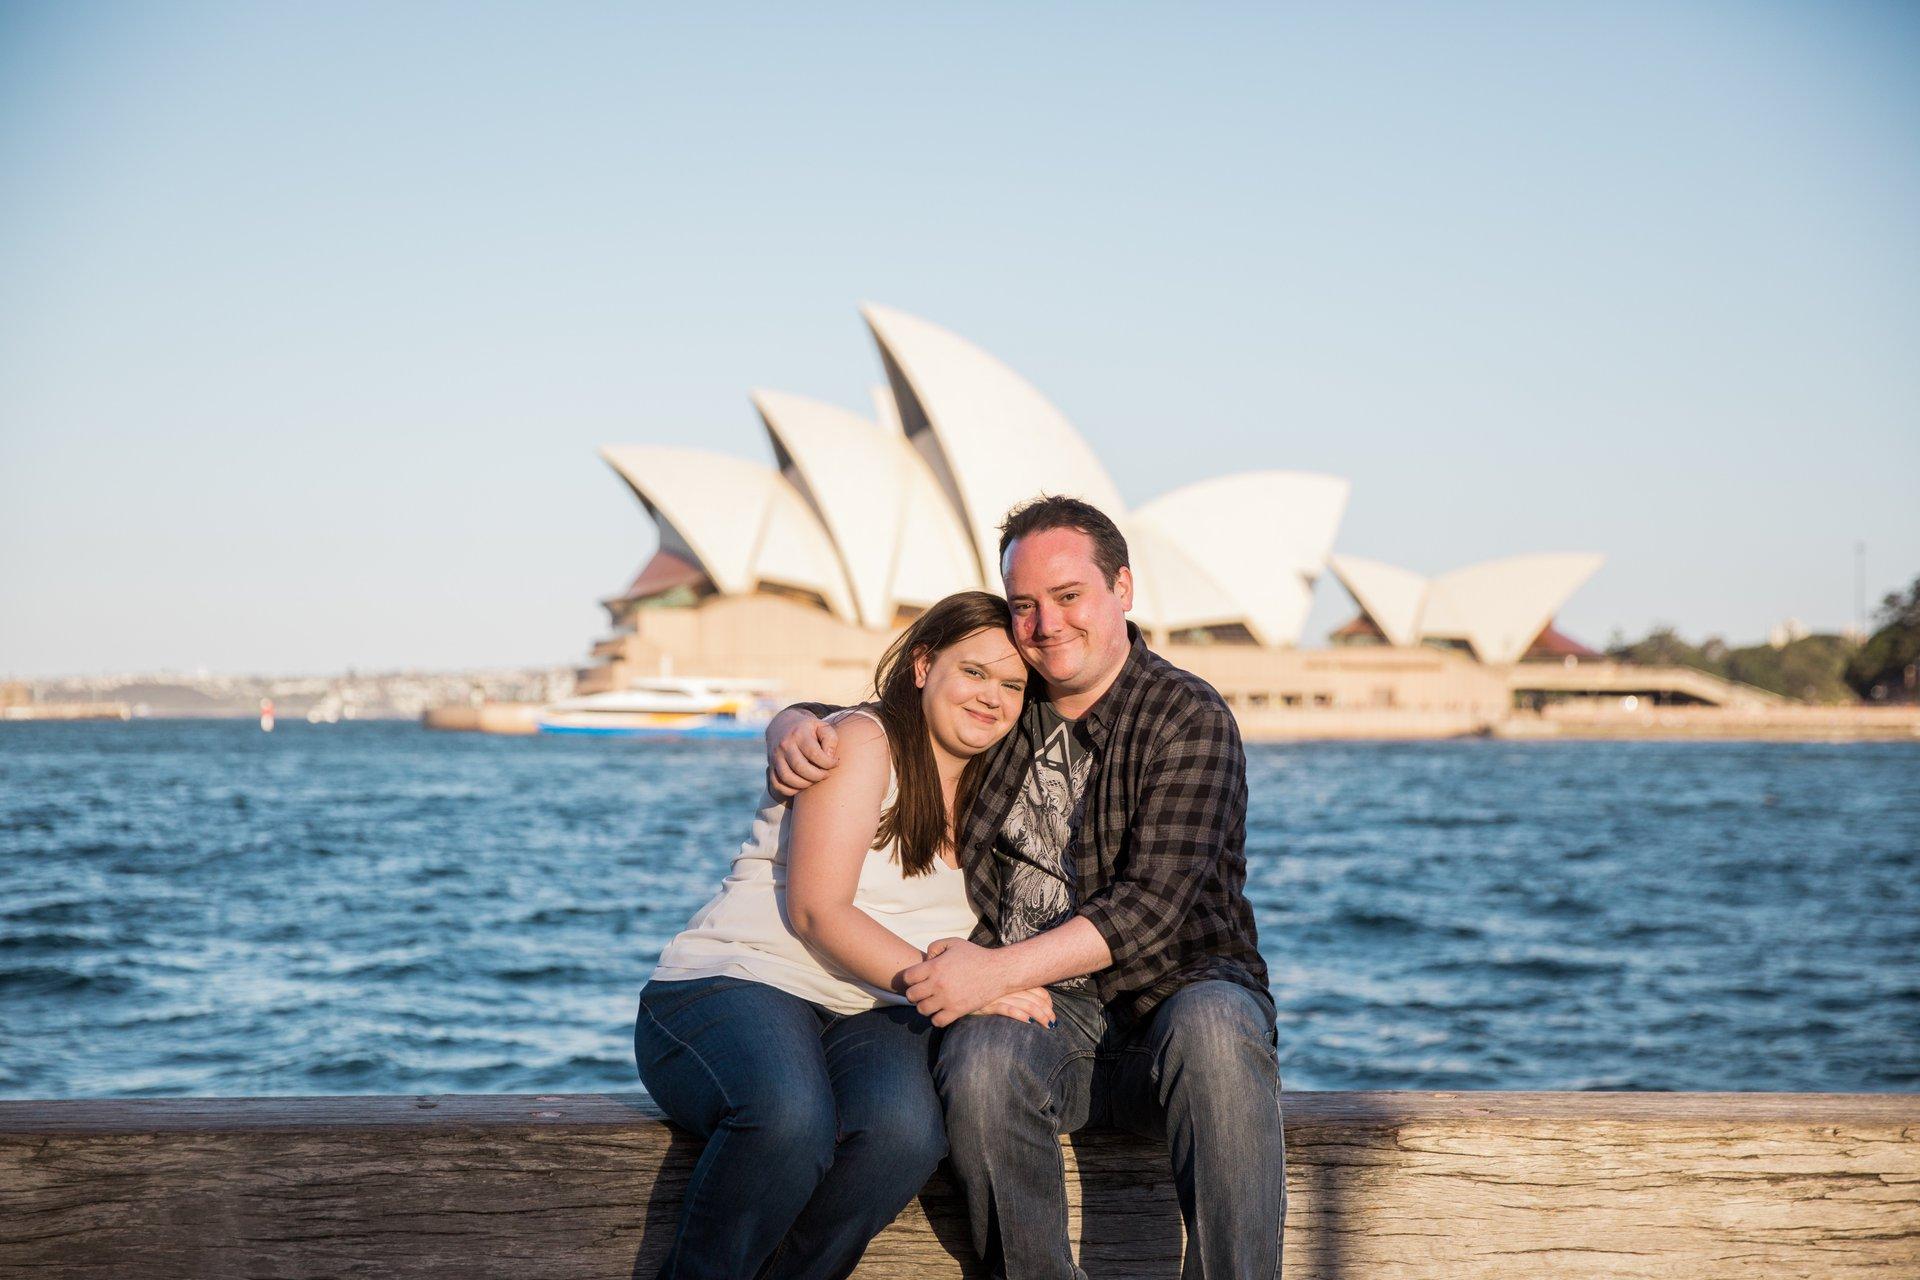 Sydney-Australia-travel-story-Flytographer-5